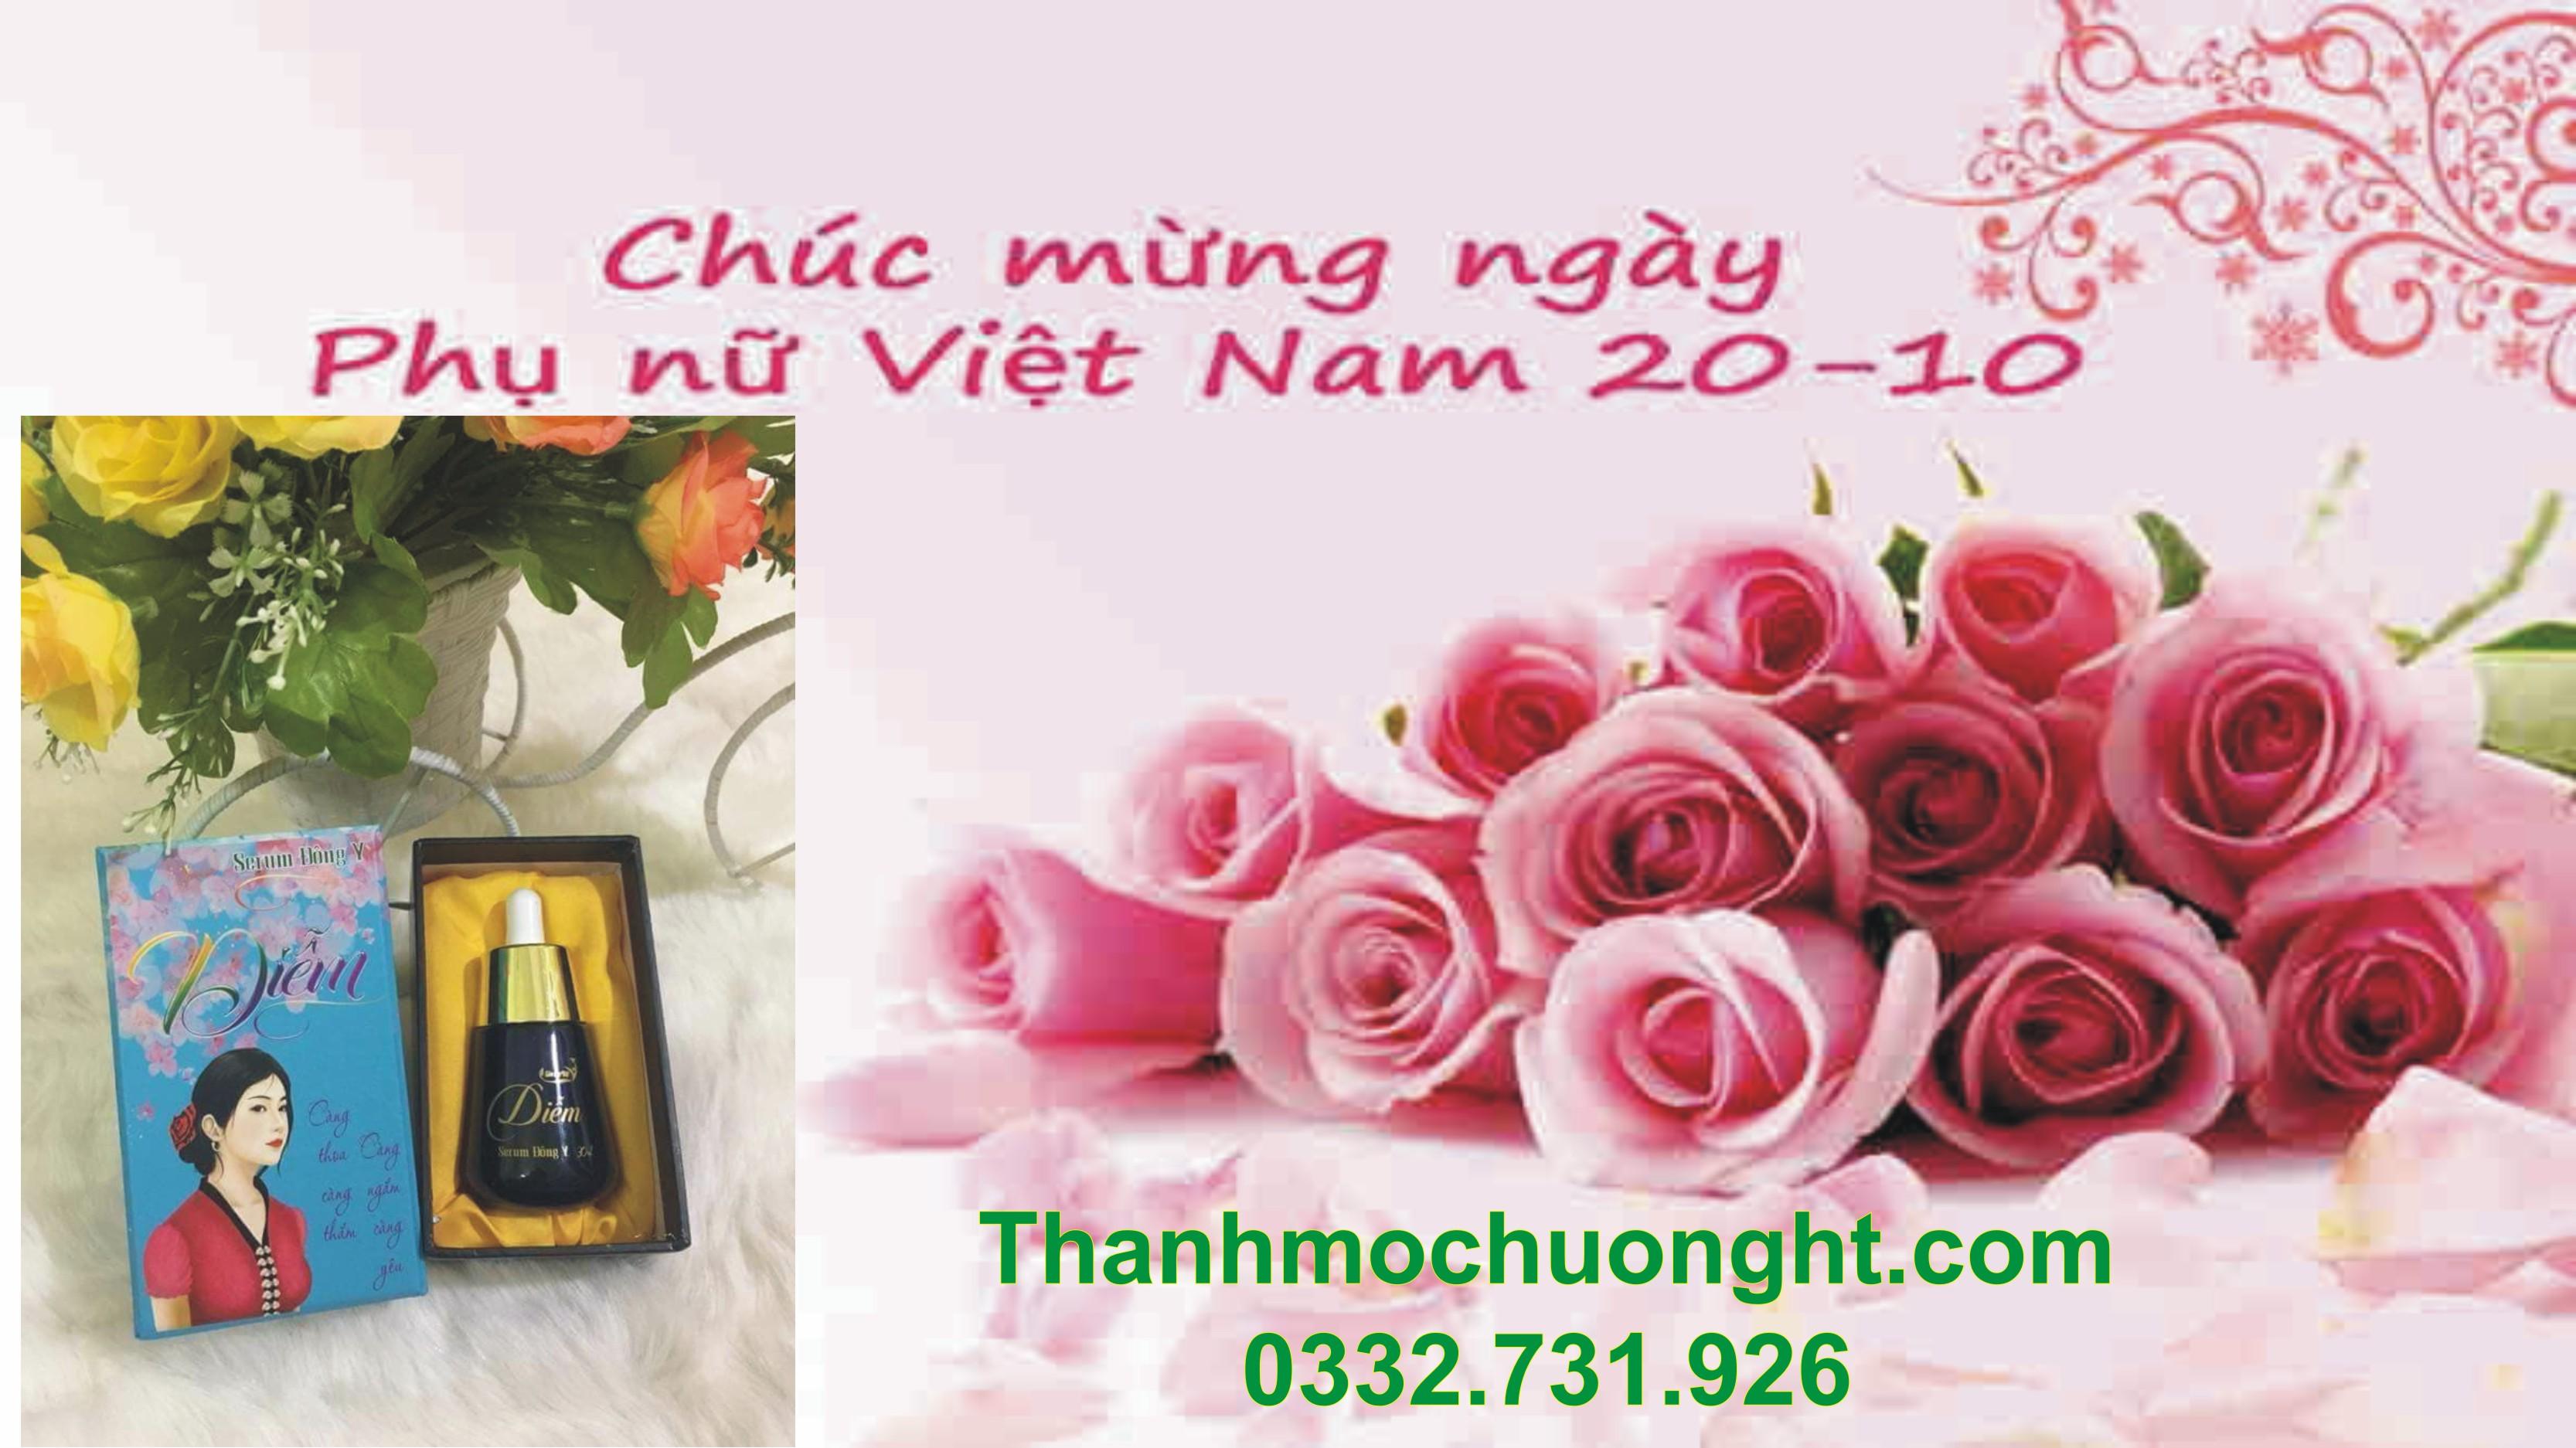 Gợi ý tặng quà 20/10 bằng các sản phẩm chăm sóc sắc đẹp Thanh Mộc Hương